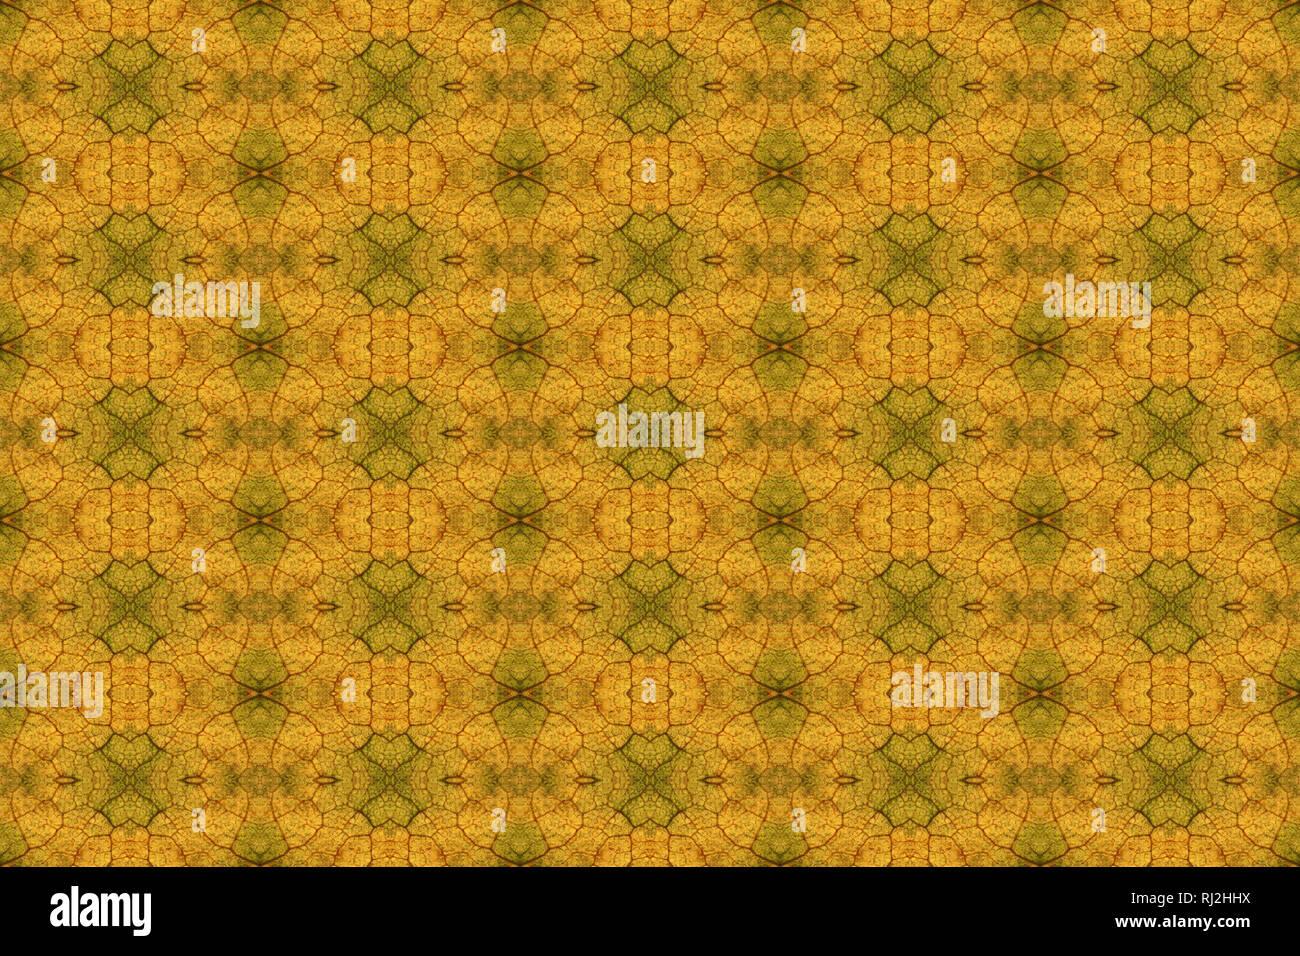 Super Dieses Muster wurde von einem Foto einer Herbst Blatt, beleuchtet VP45